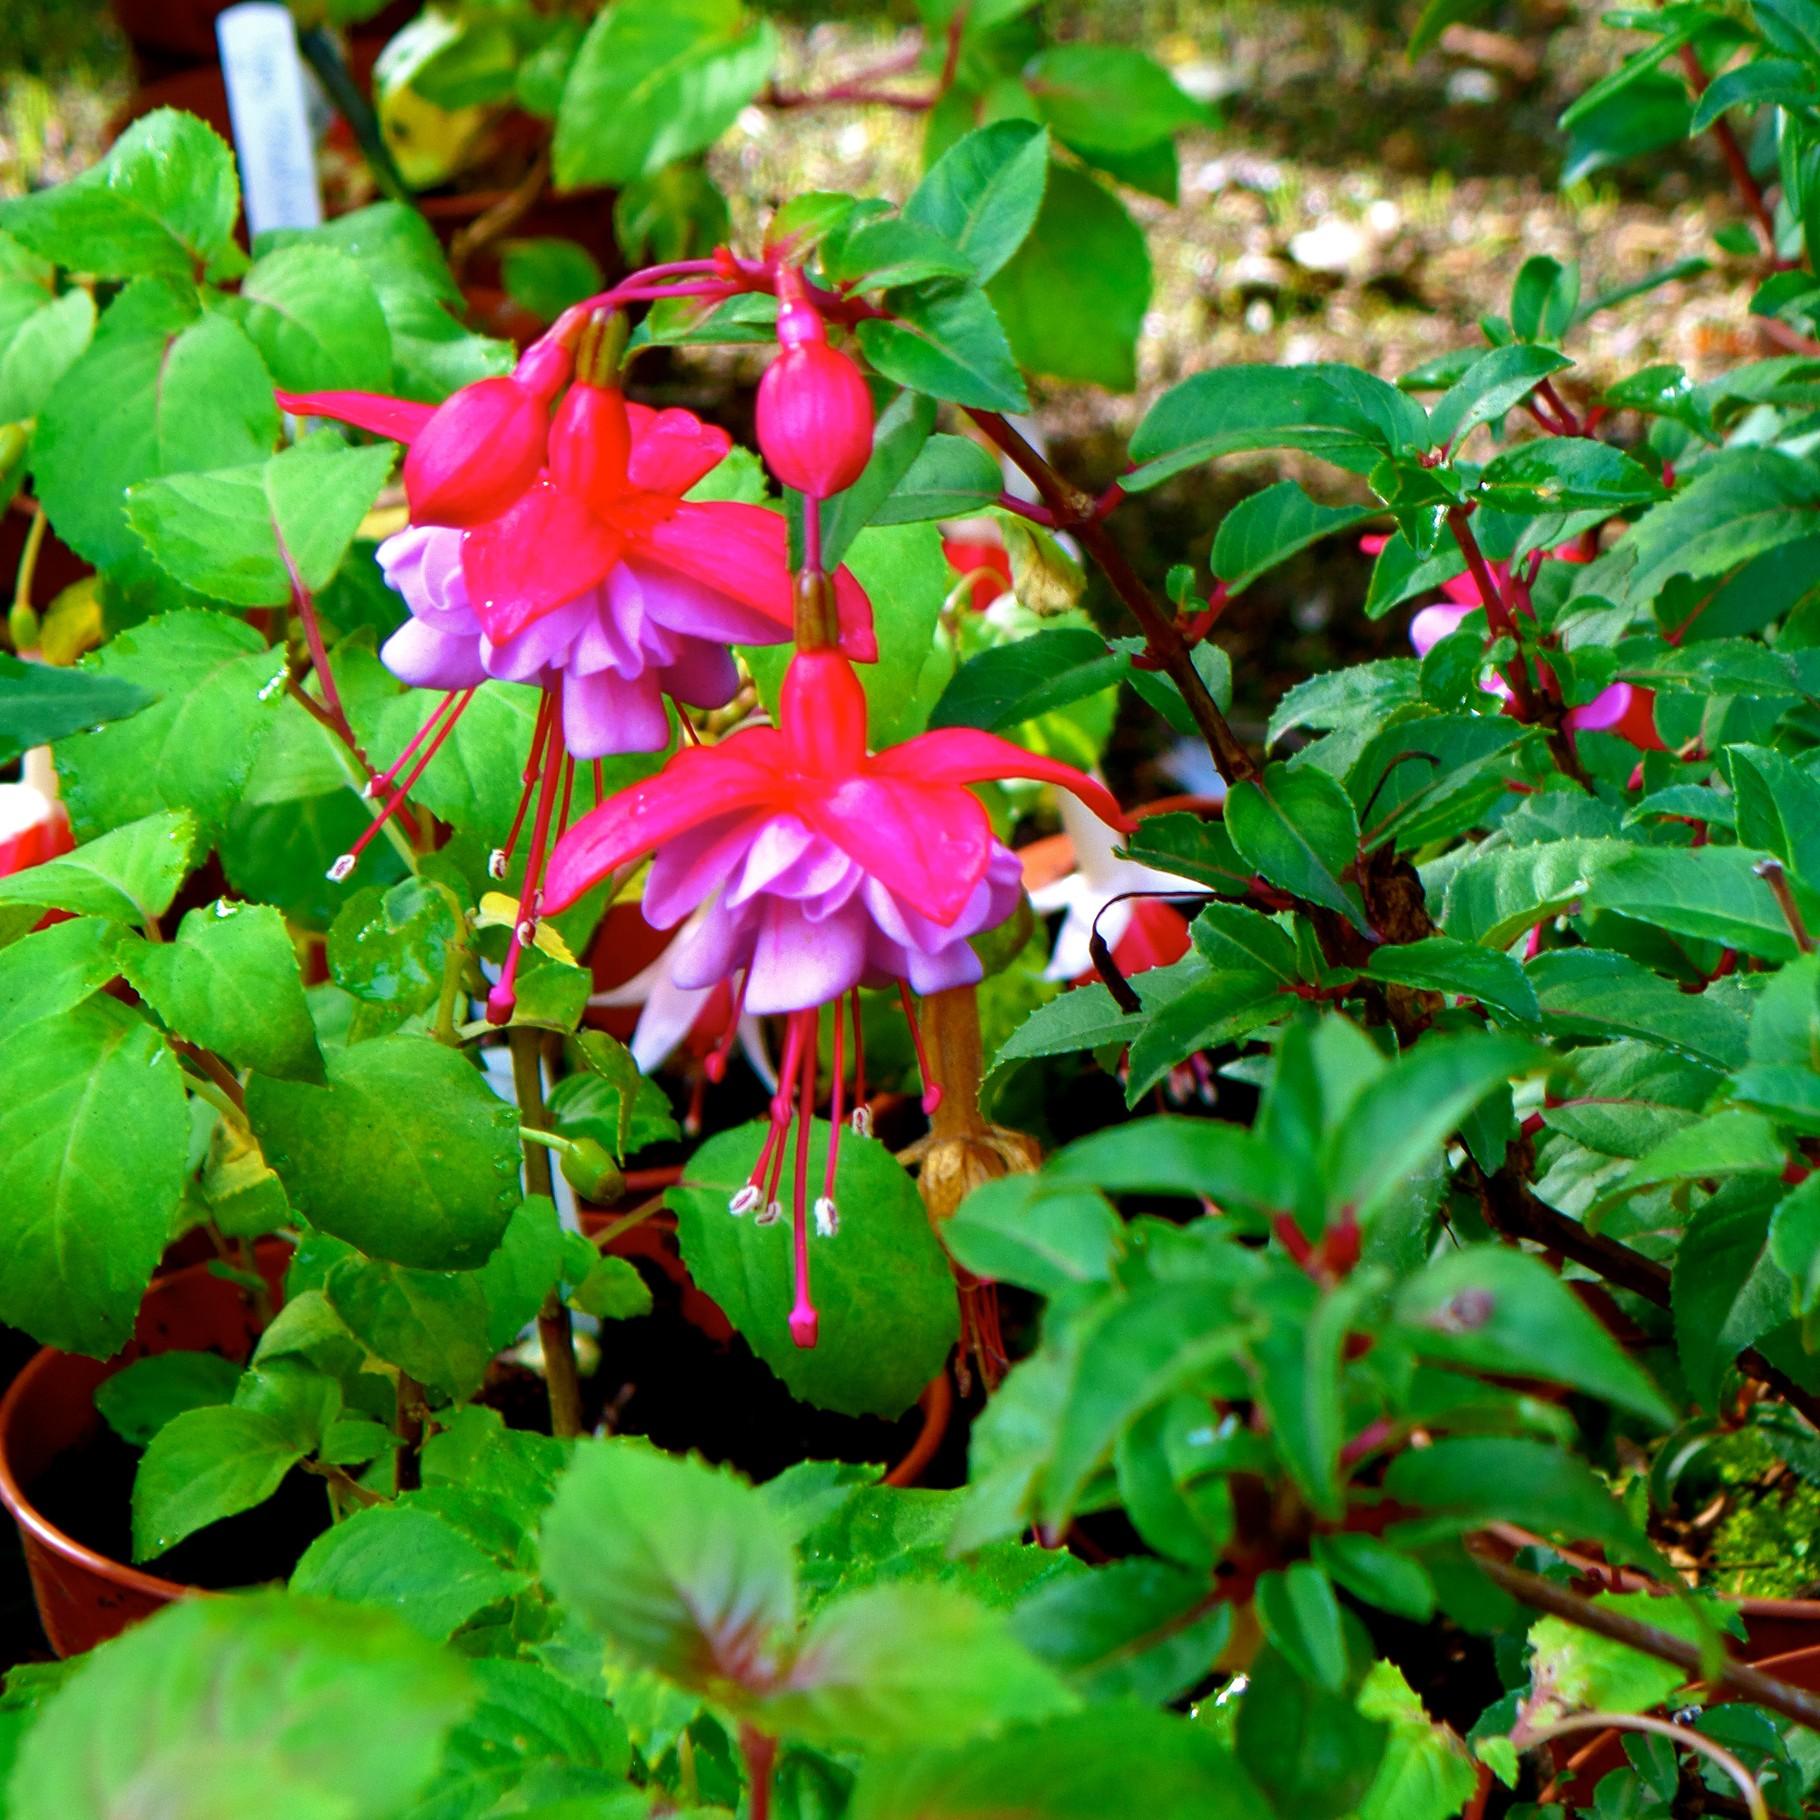 Struiken Met Bloemen Voor In De Tuin.Fuchsia Struiken Vol Bloemen En Eetbare Bessen Kweken In